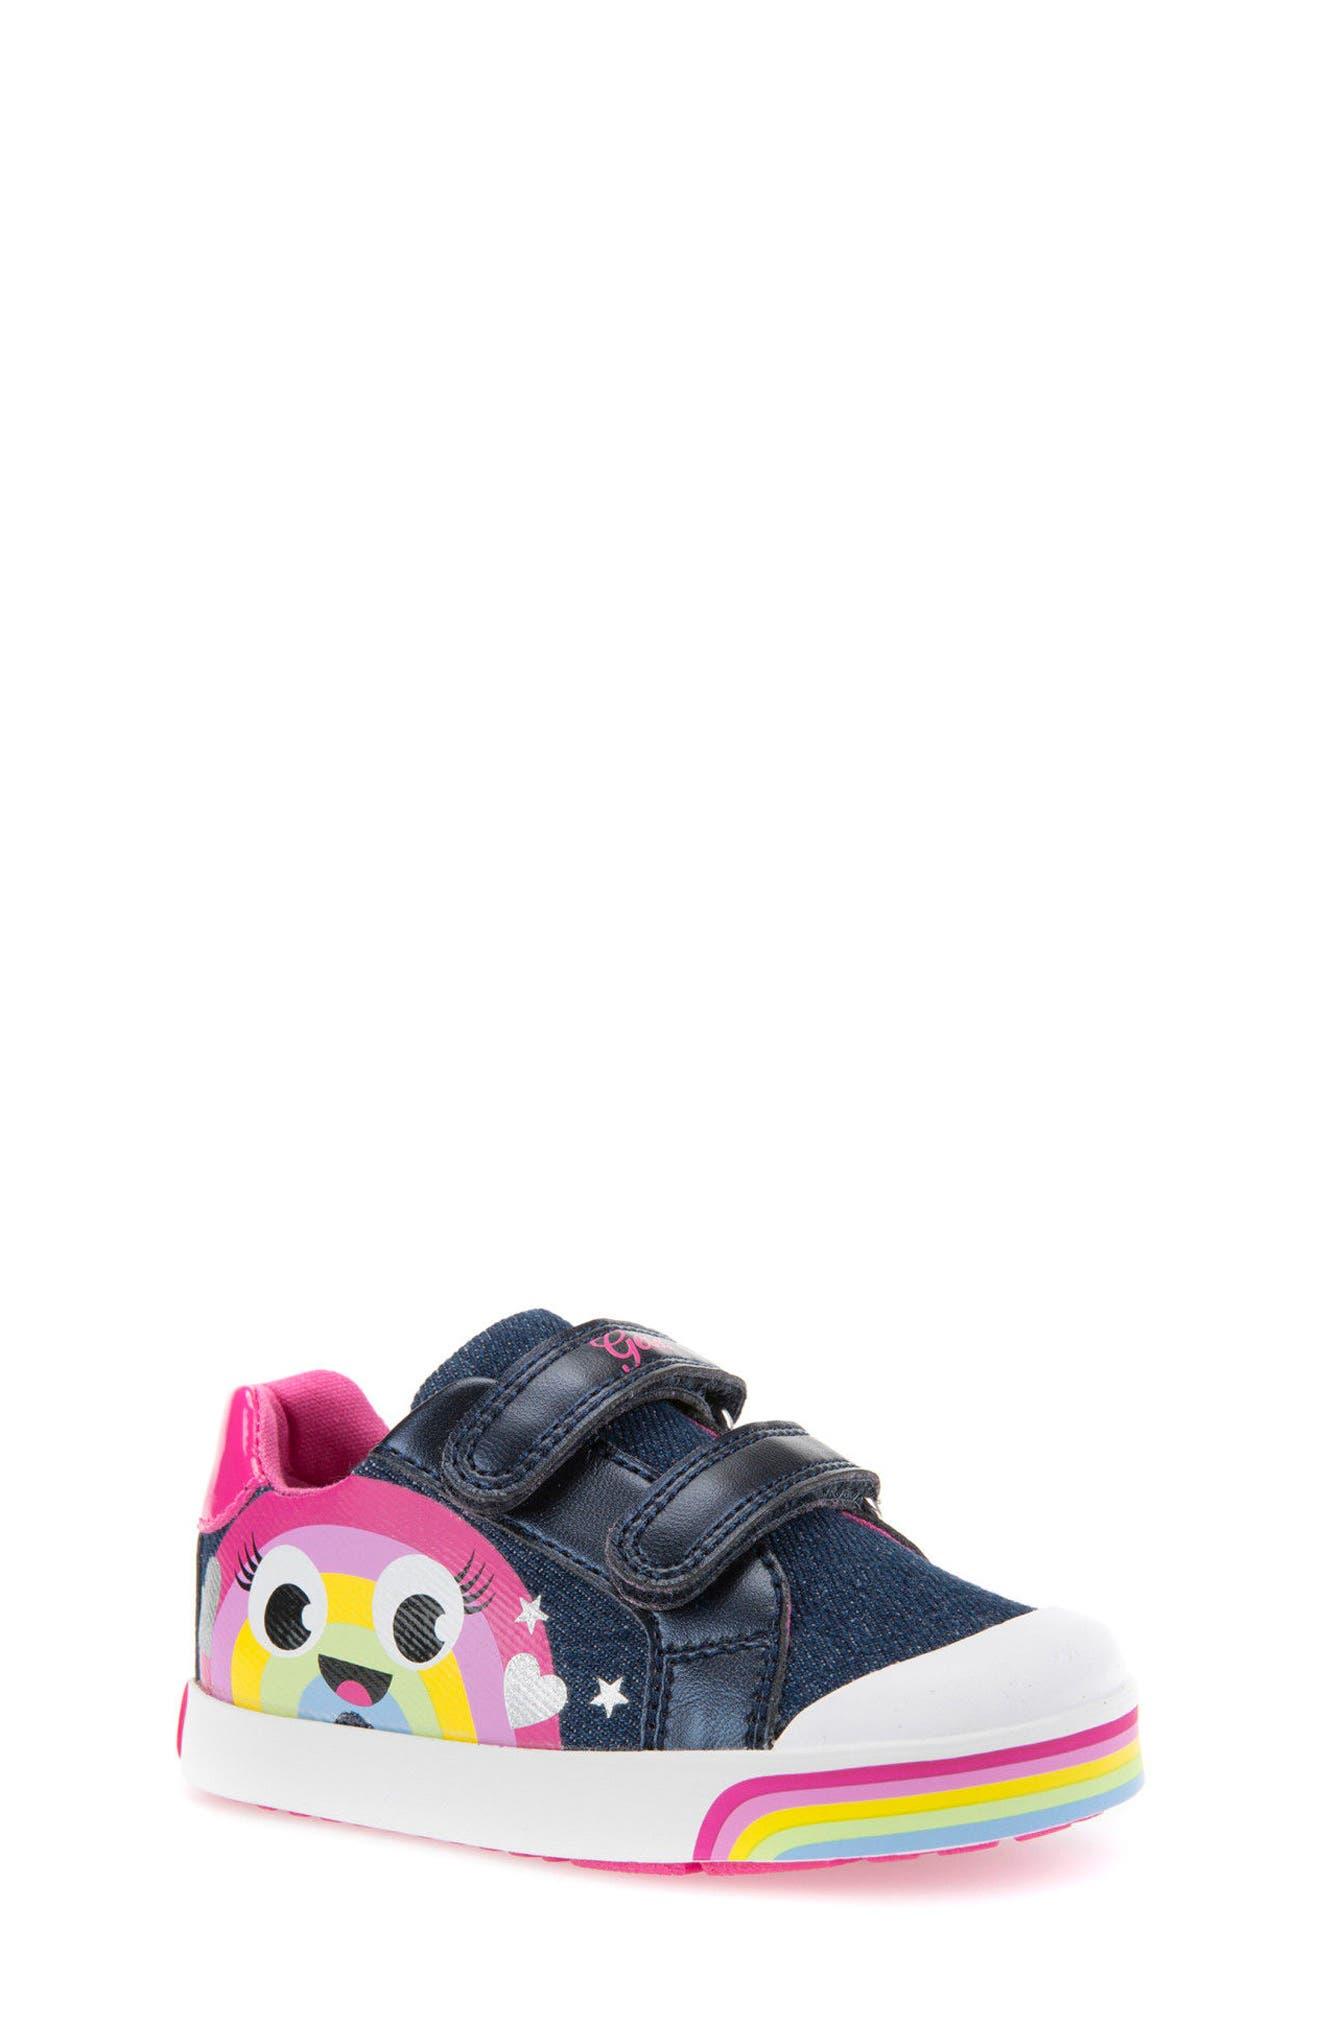 Geox Kilwi Low Top Sneaker (Walker & Toddler)